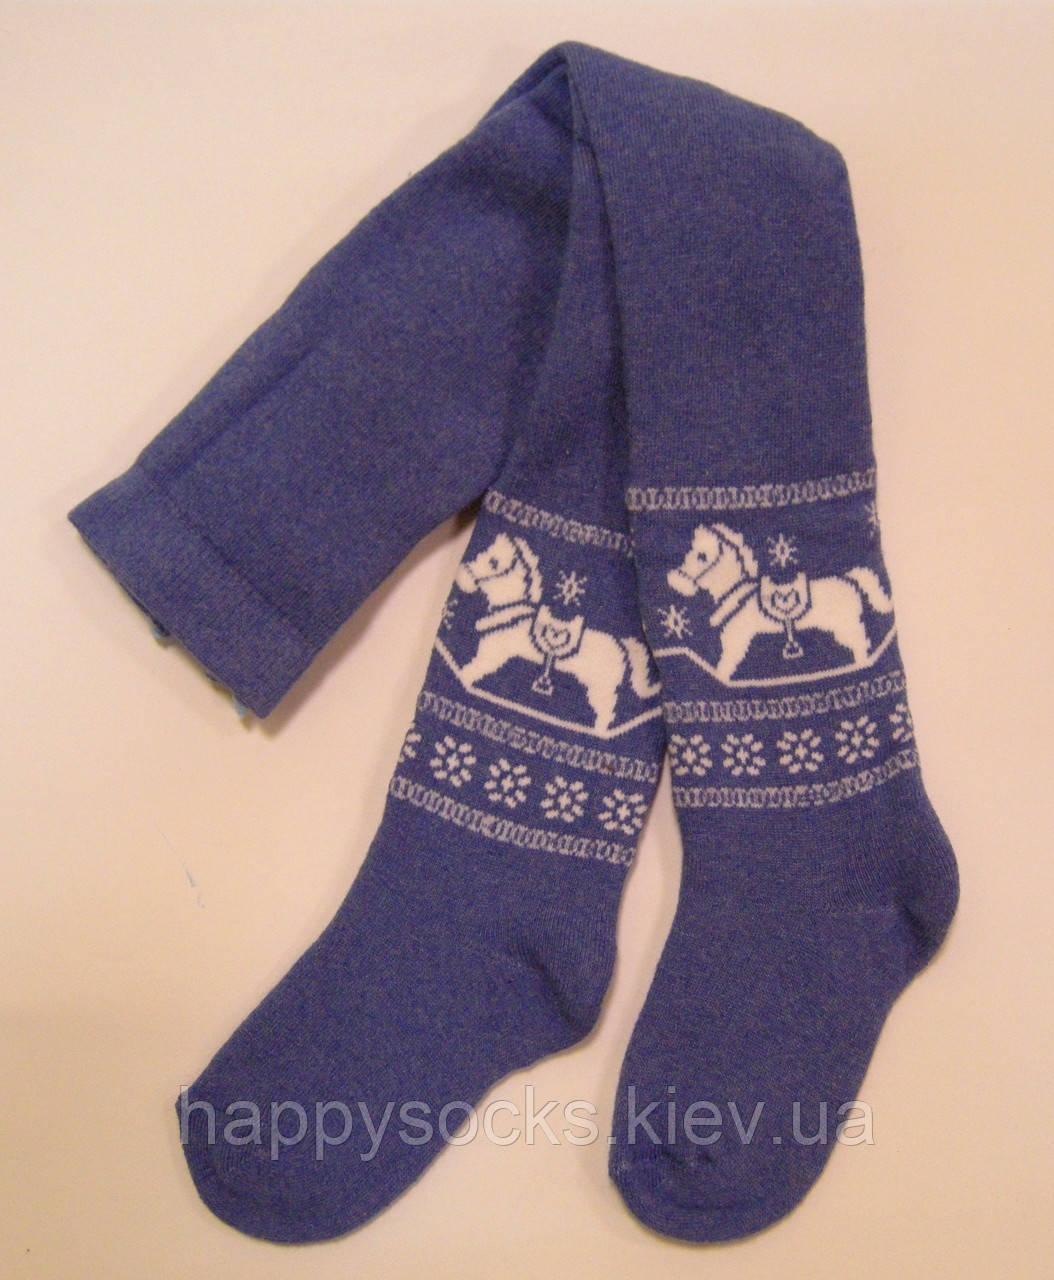 Теплые детские колготки синего цвета с лошадкой для малышей